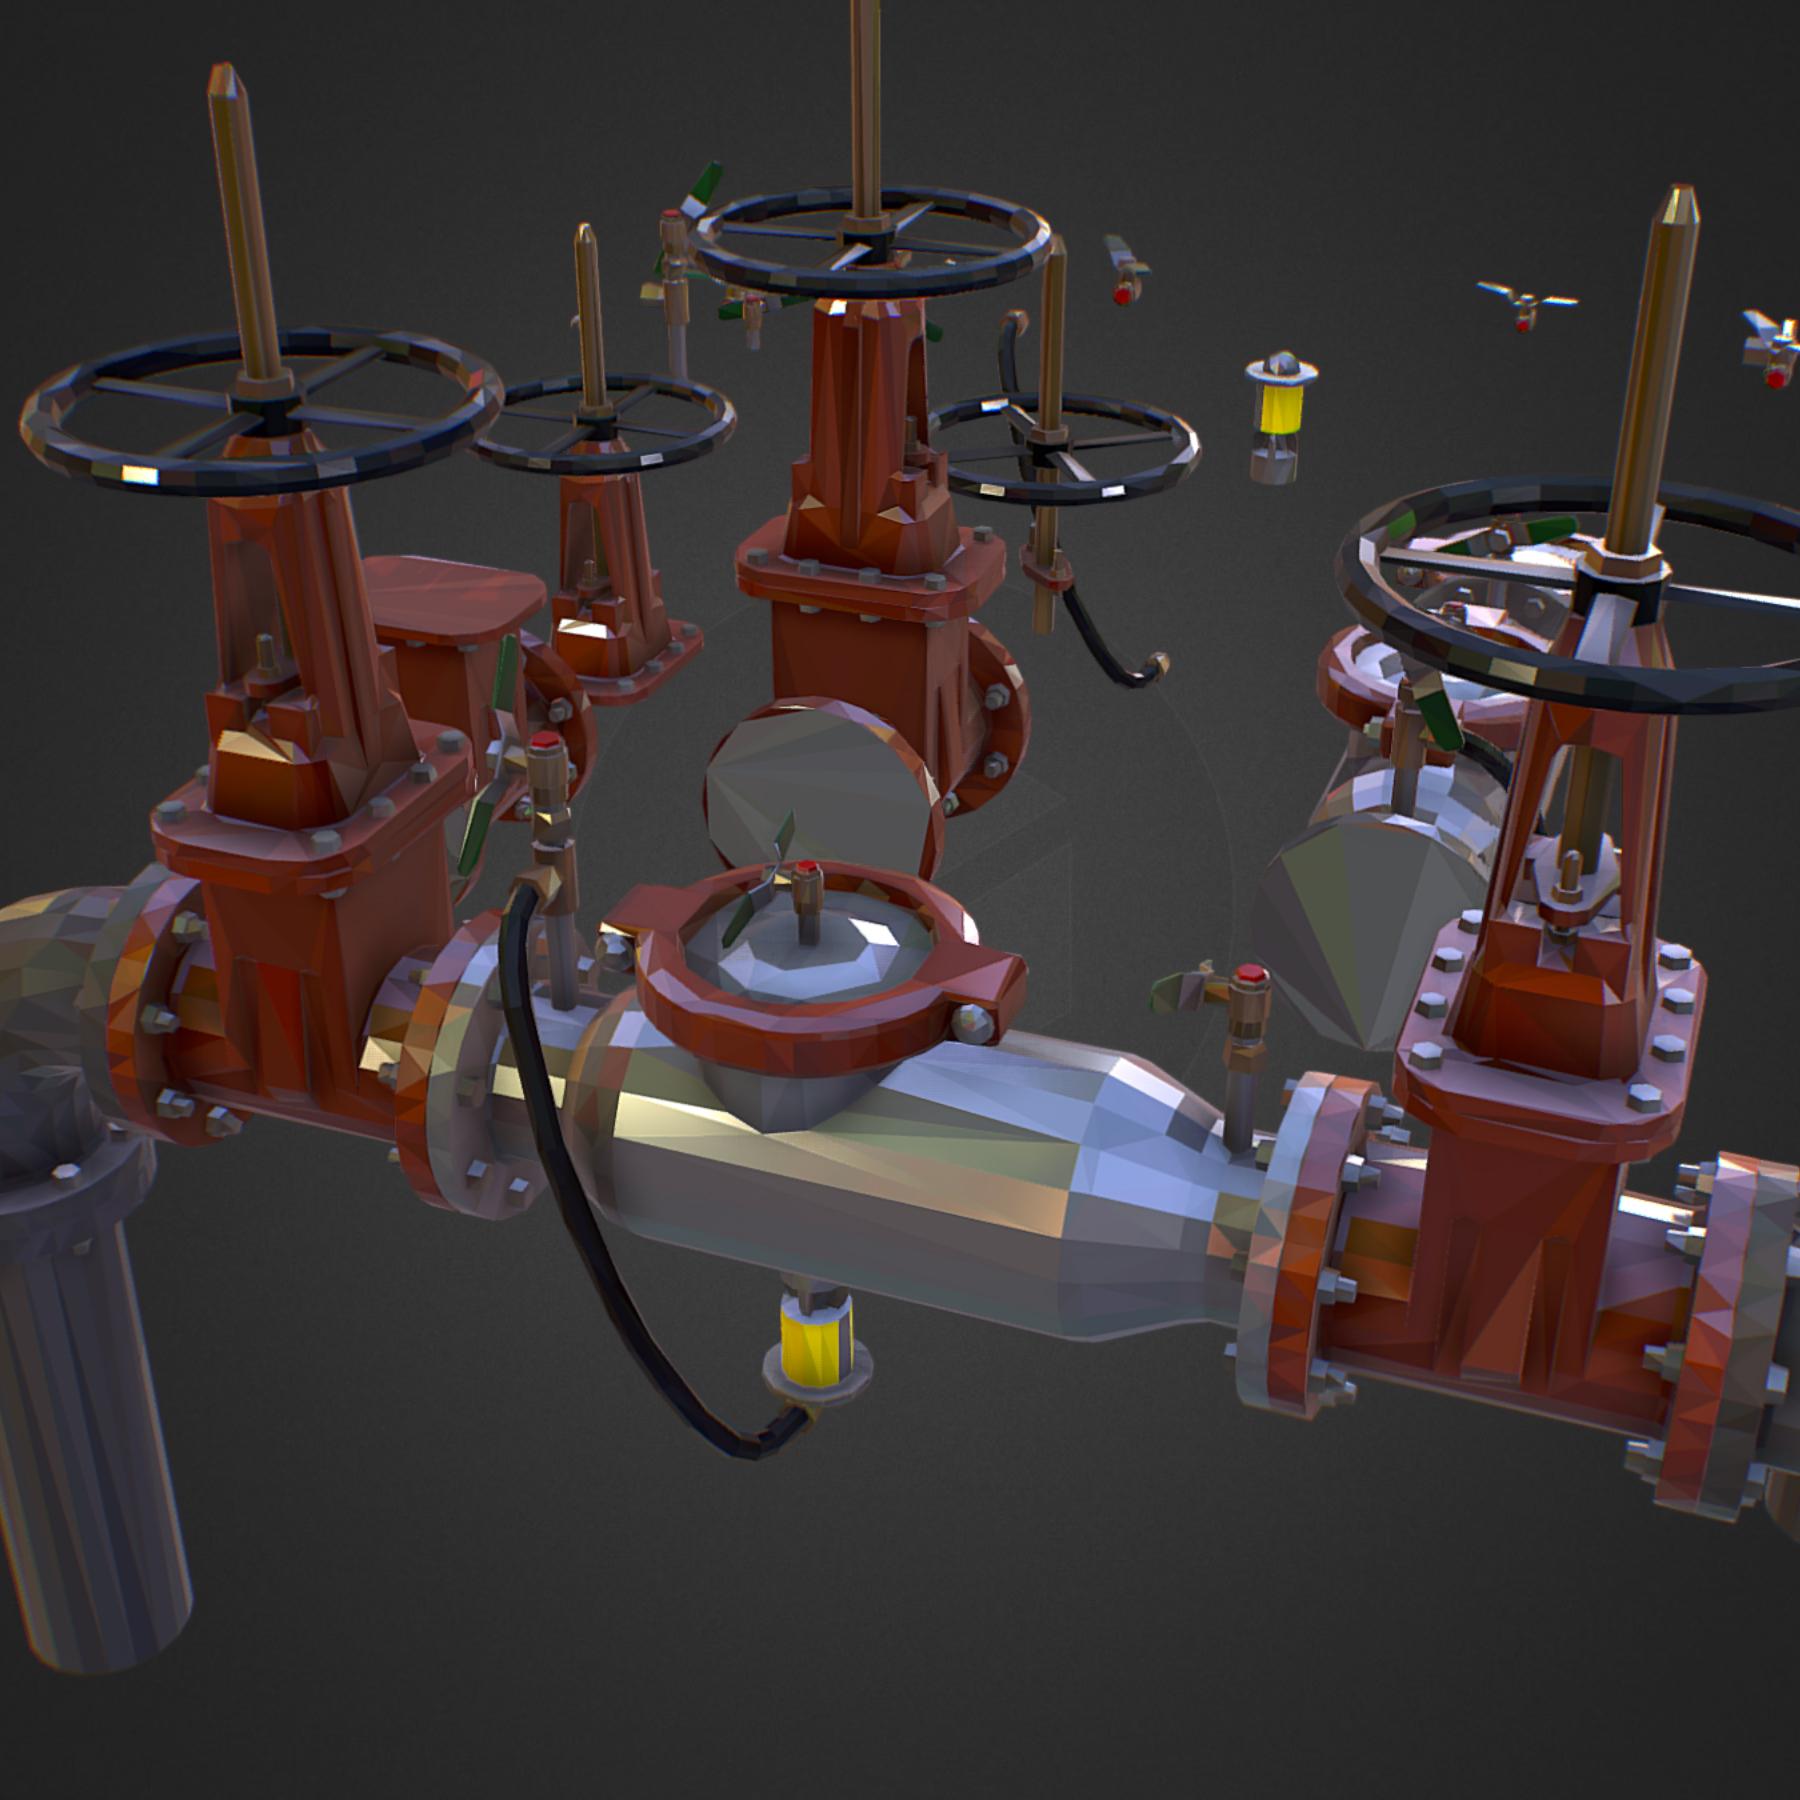 χαμηλός πολυεστιακός κατασκευαστής σωληνώσεων νερού επιστροφής ροής 3d max fbx ma mb tga targa icb vda vst pix obj 272538